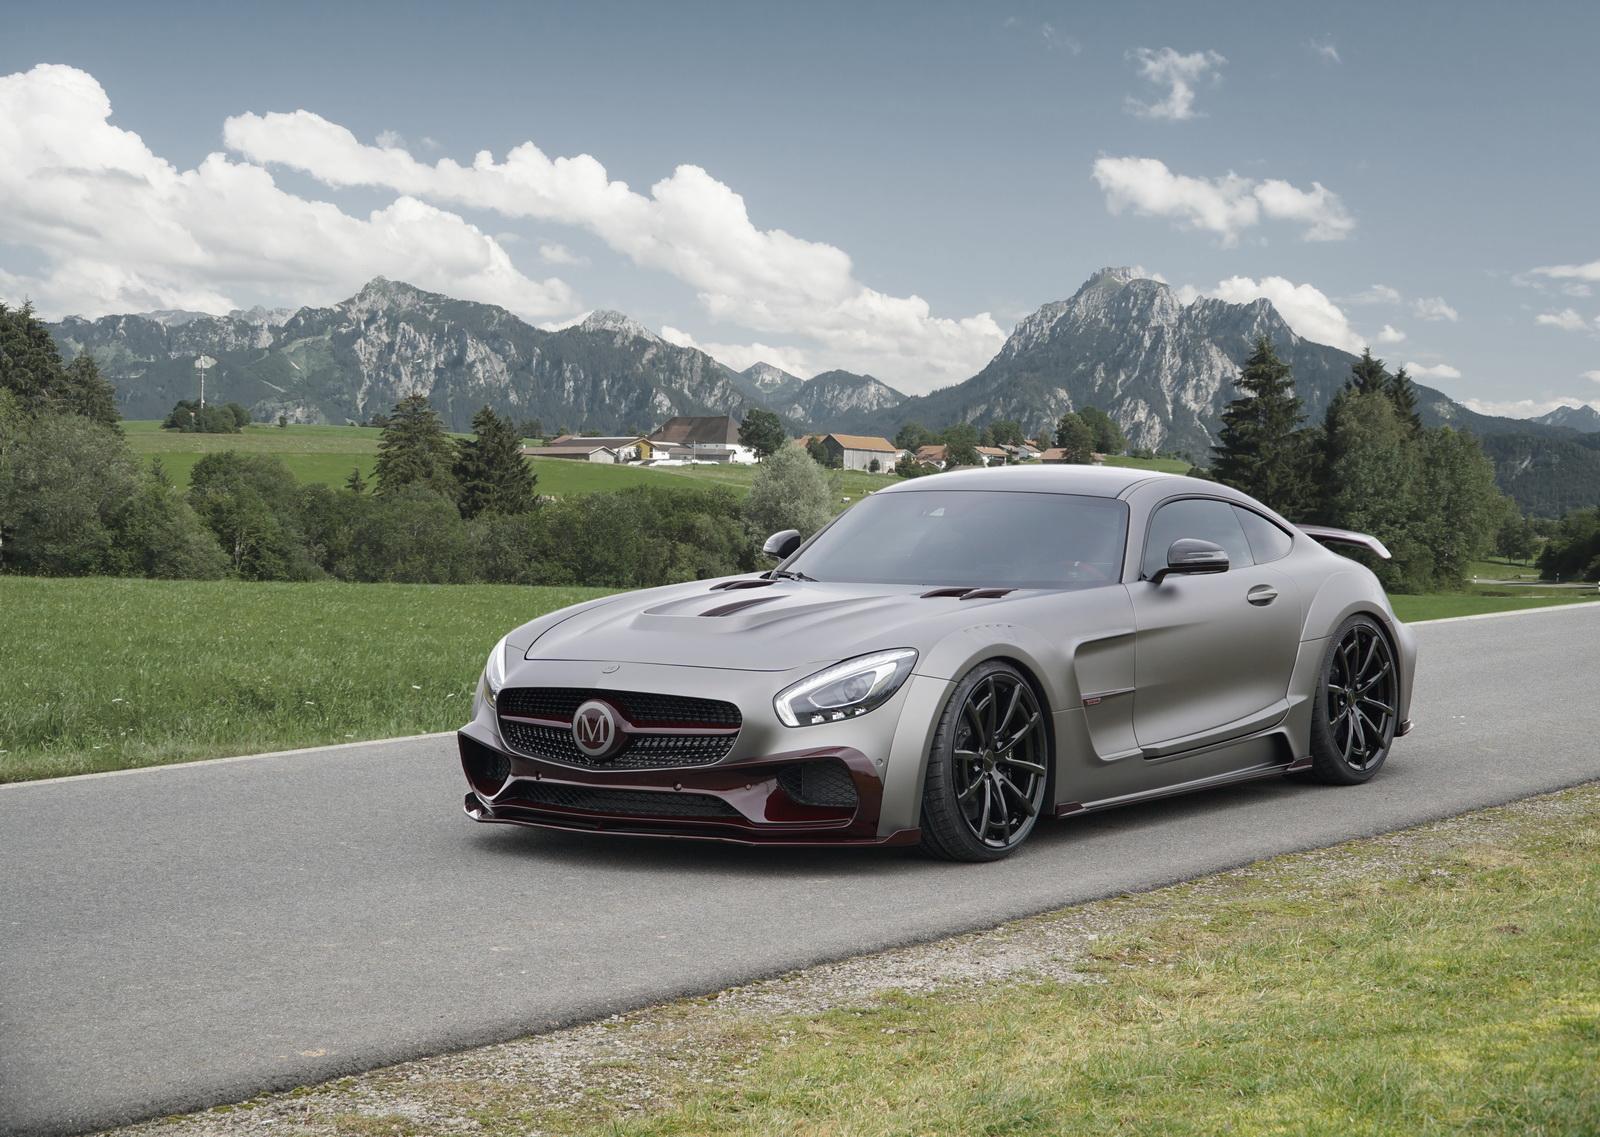 Mansory độ Mercedes-AMG GT S đã gây nhiều tranh cãi vì chiều rộng của nó đã tăng lên đáng kể